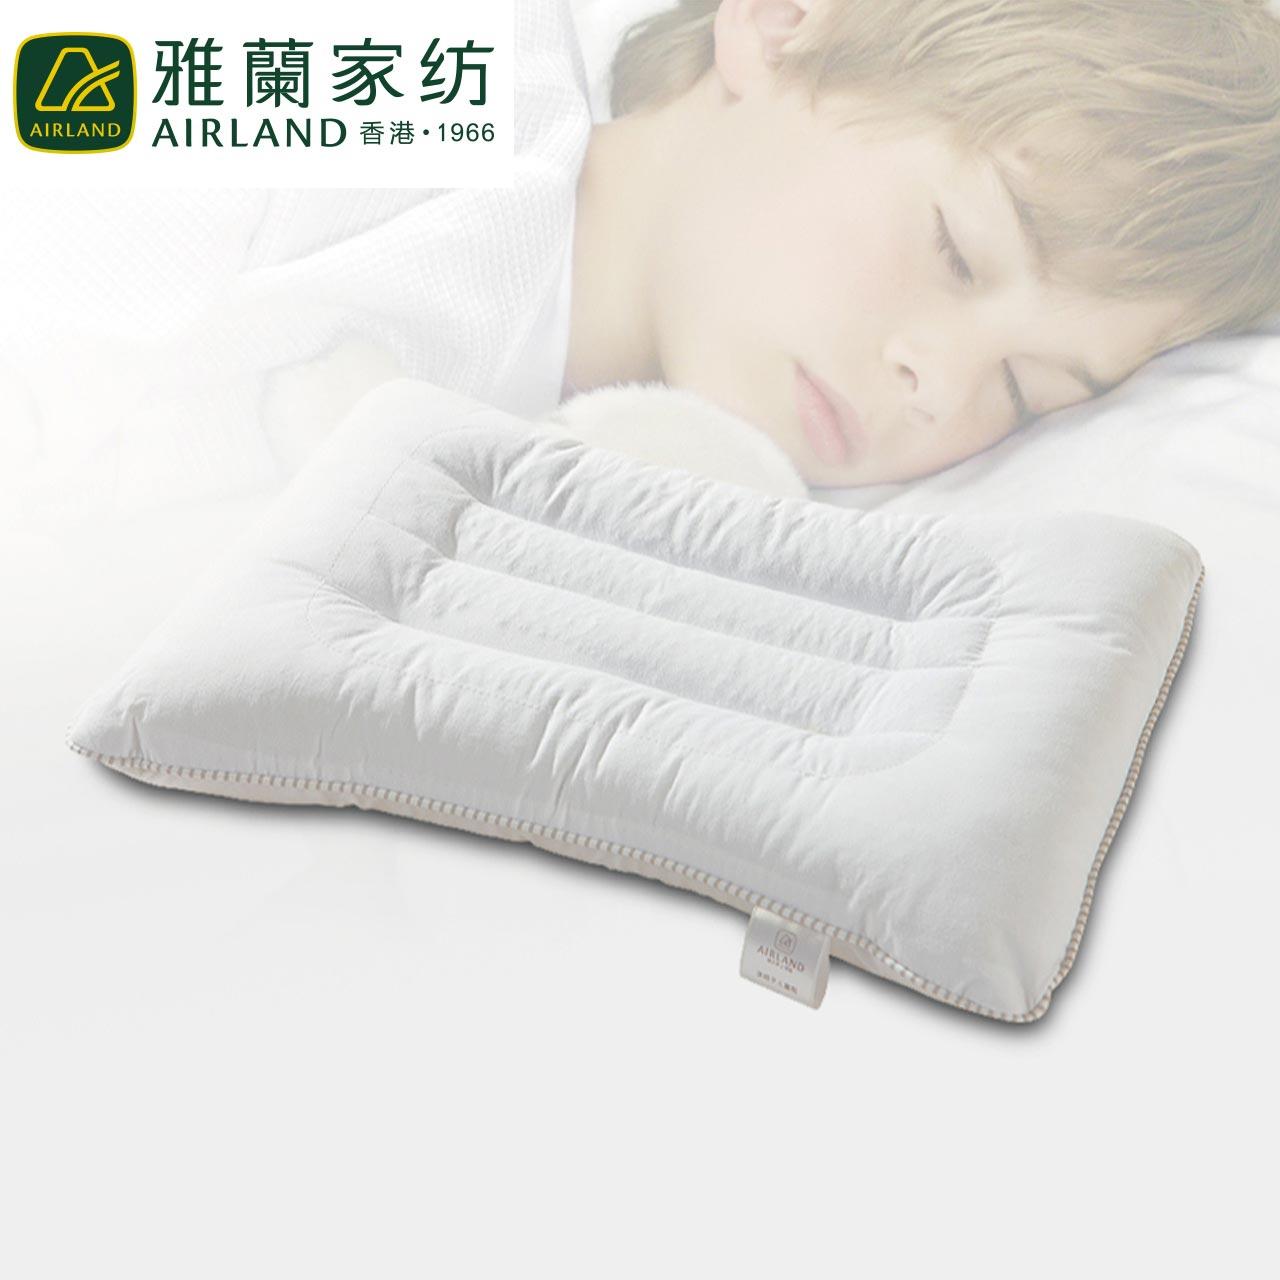 雅兰家纺床上用品儿童睡眠枕EC双面定型护颈枕